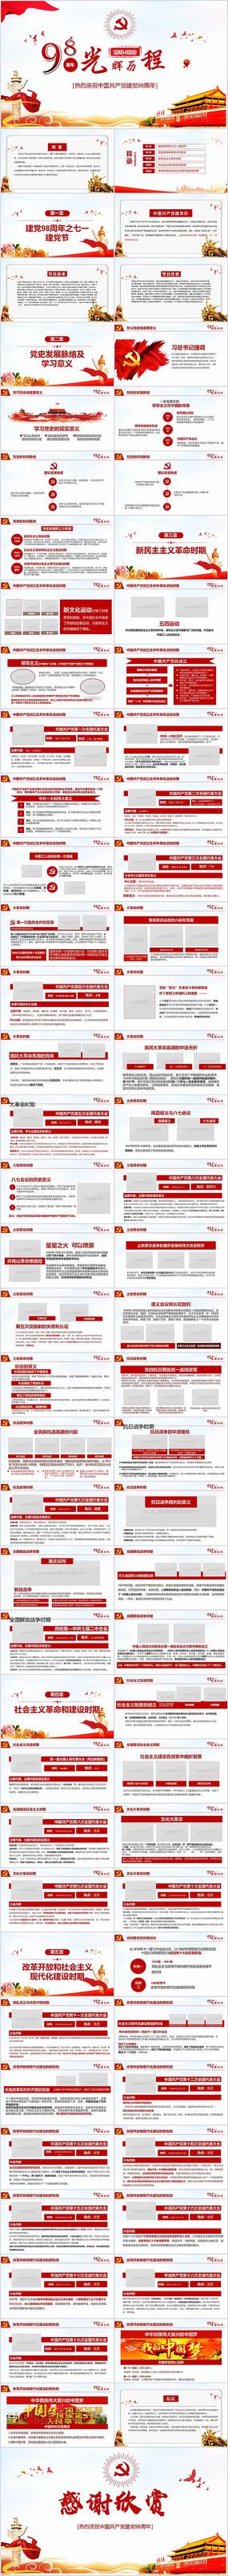 七一建党节98周年党的光辉历程PPT模板